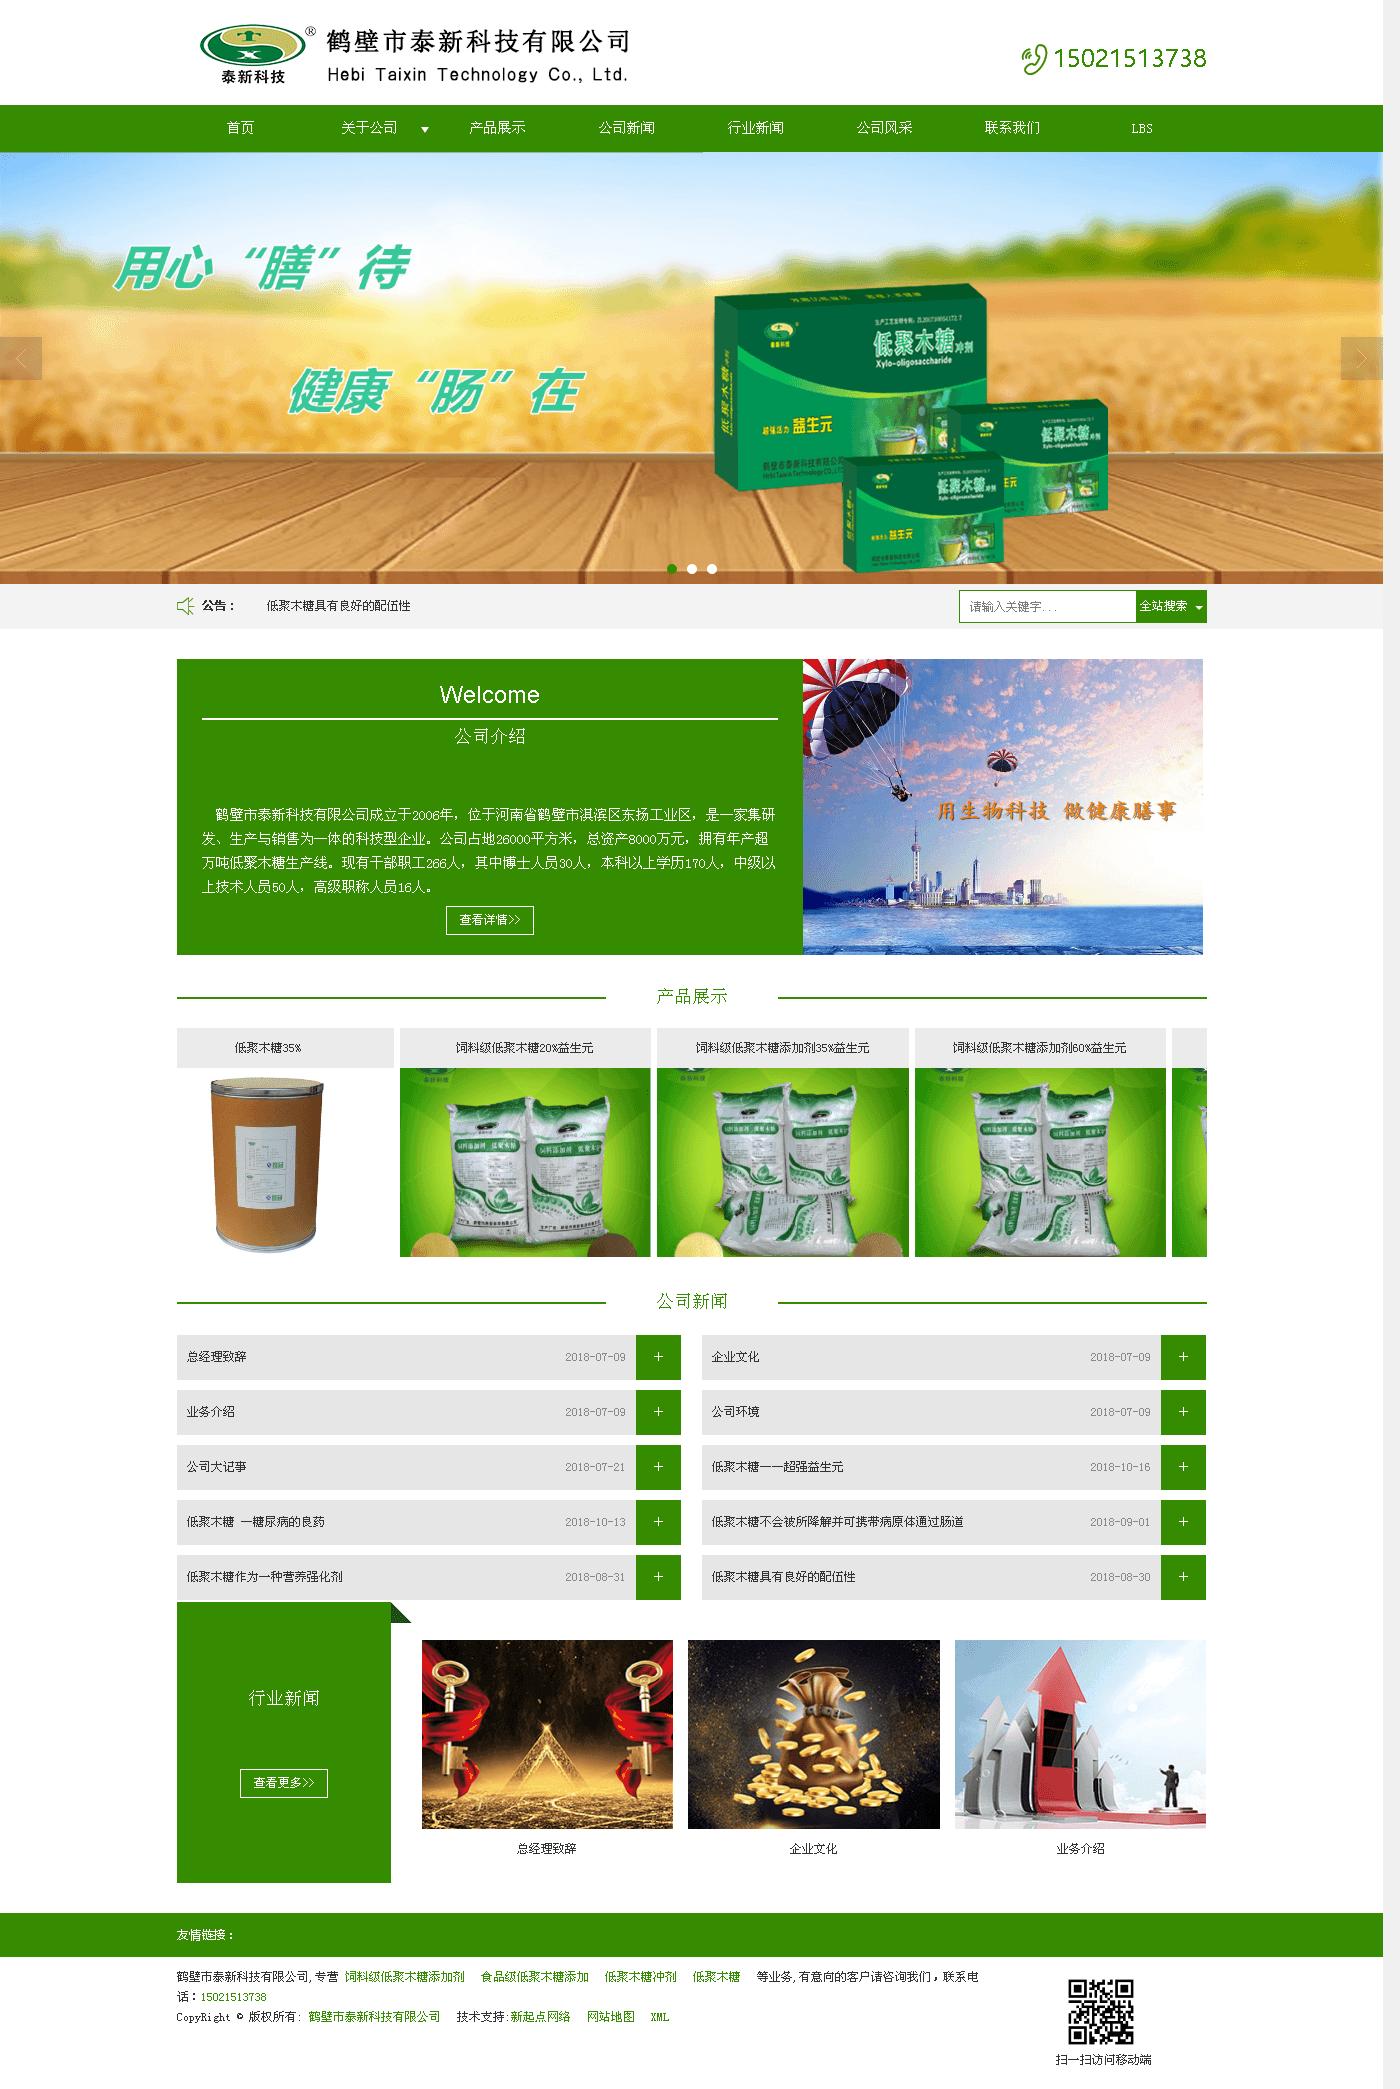 乐动体育 英超赞助品牌市泰新科技有限公司